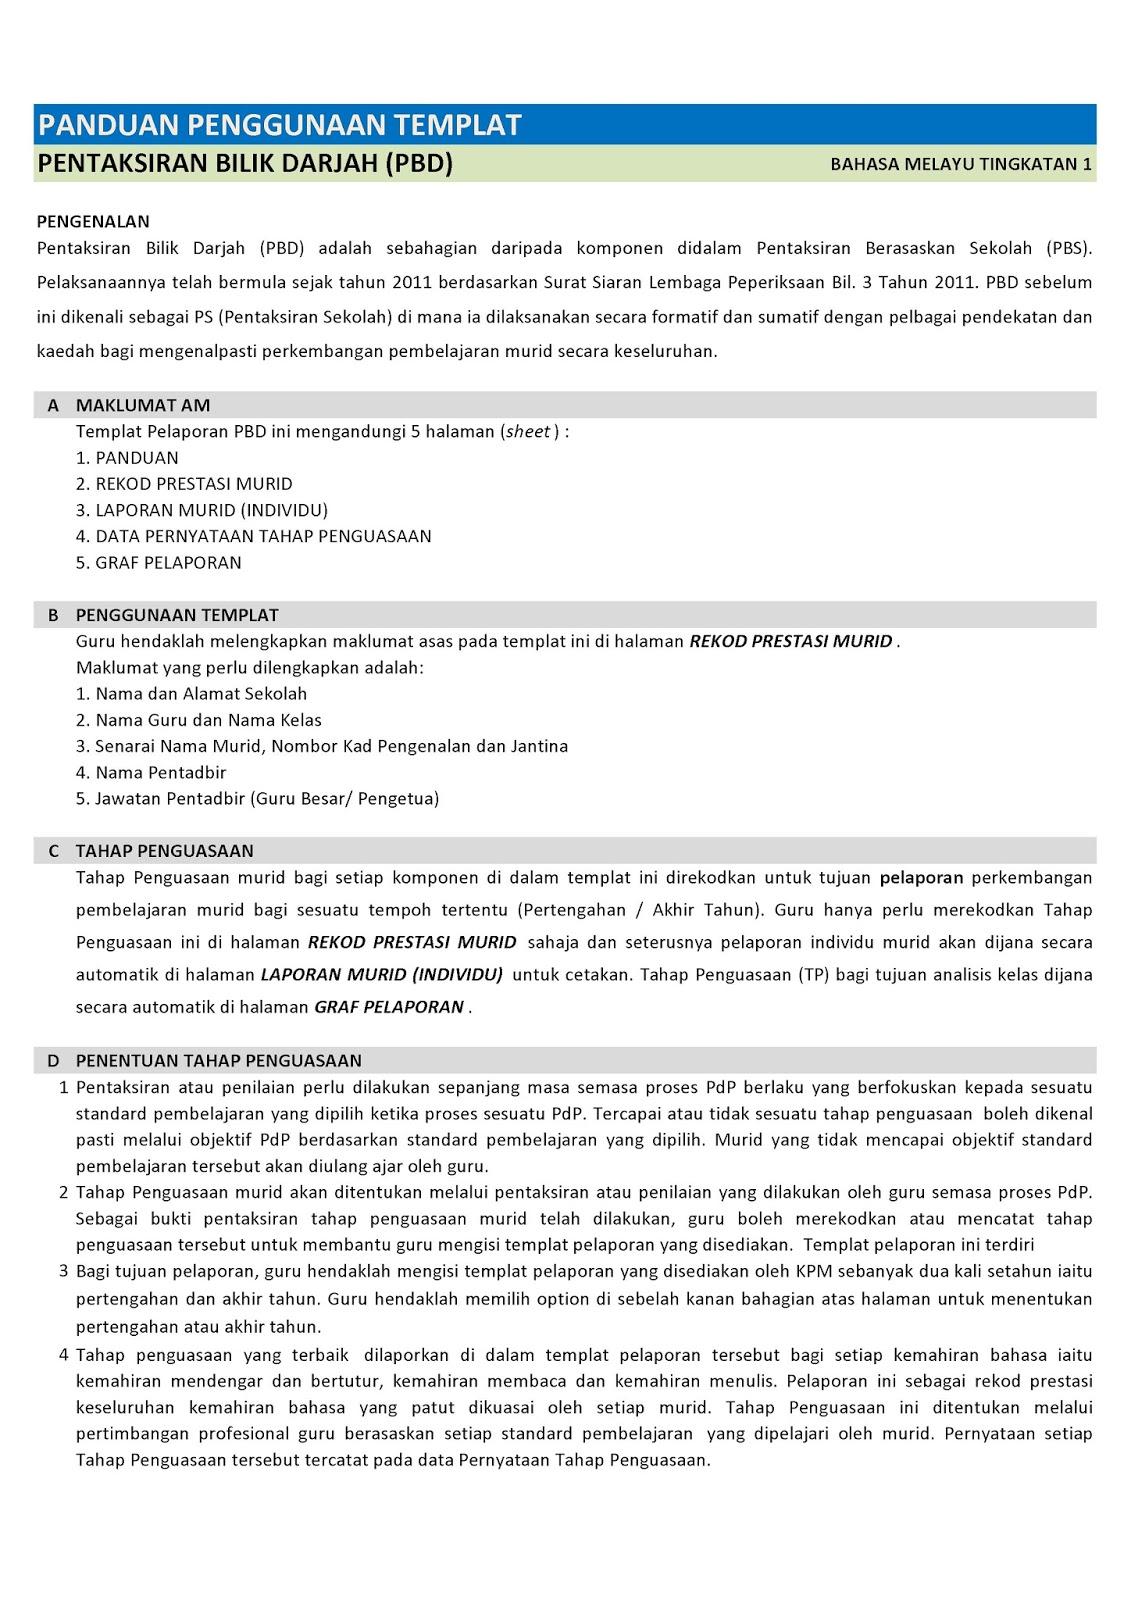 Panduan Pengisian Templat Pelaporan Pentaksiran Bilik Darjah Pbd